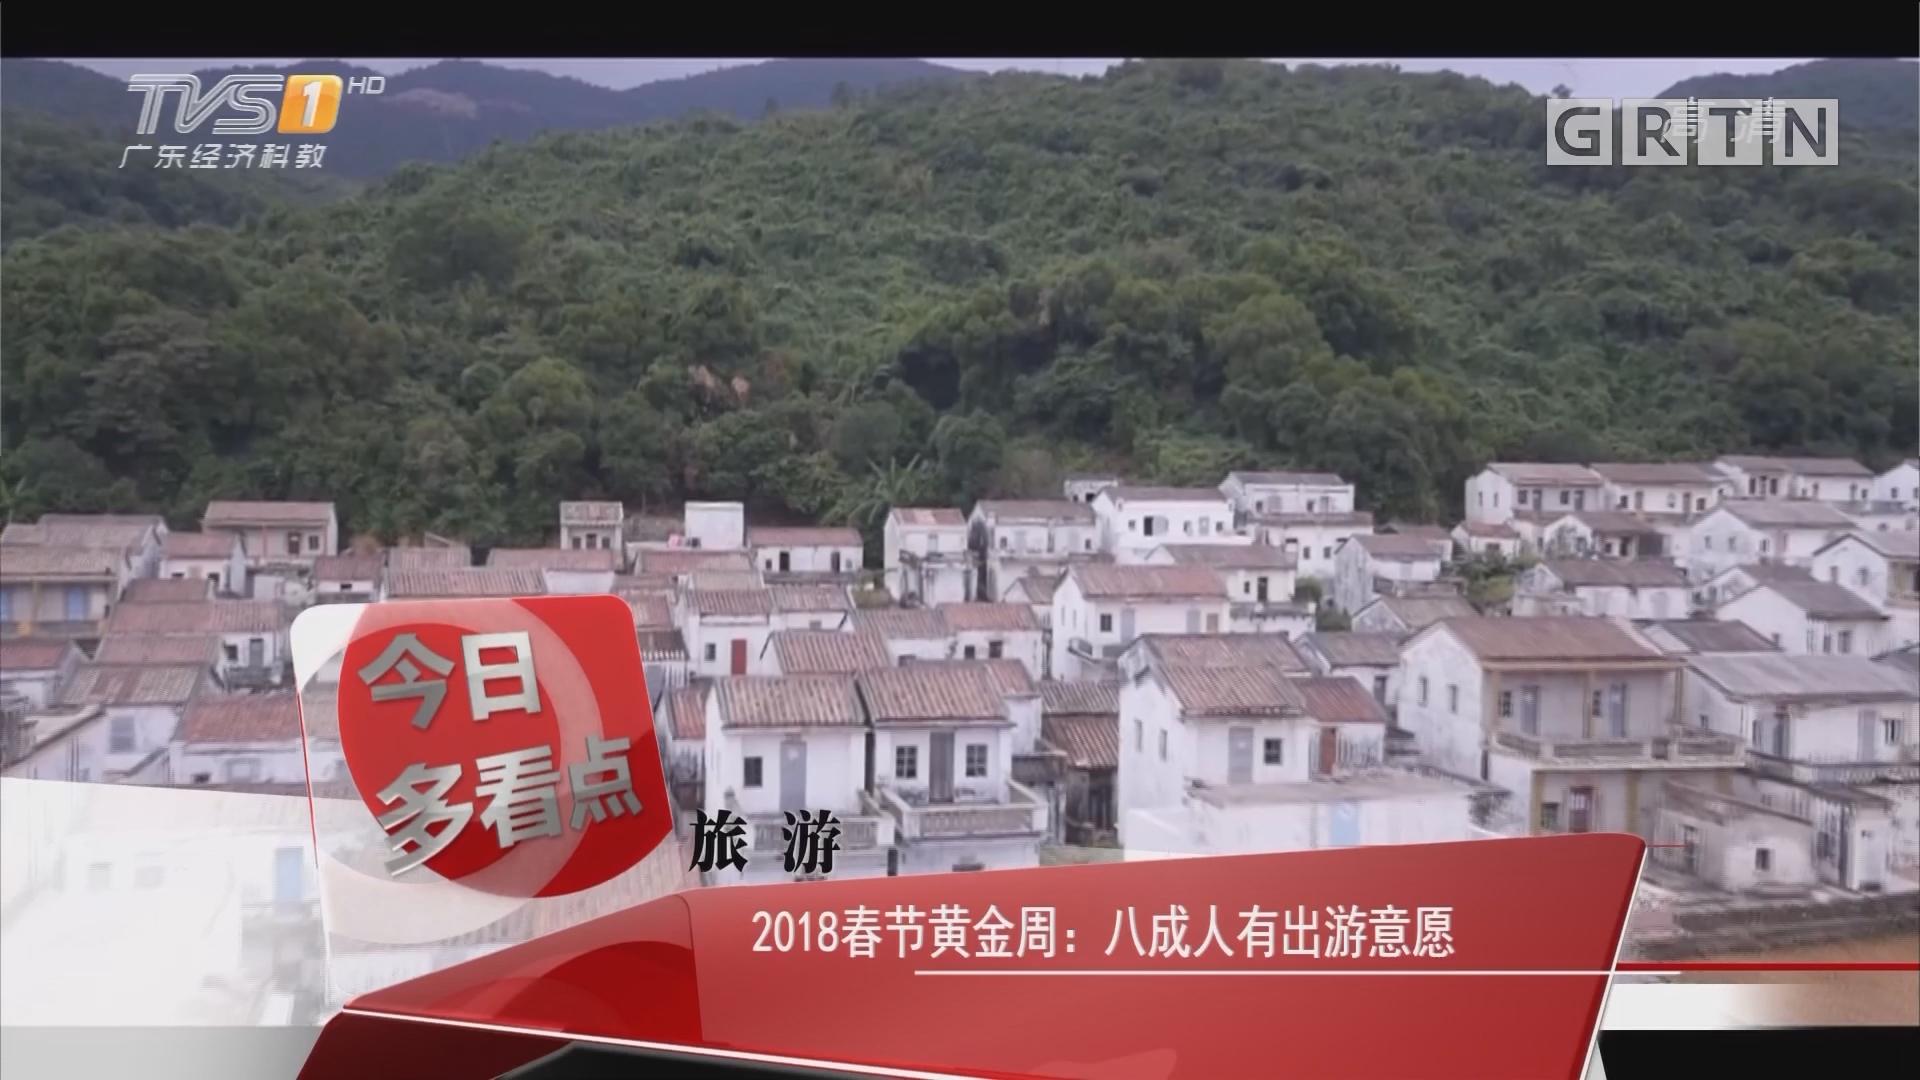 旅游 2018春节黄金周:八成人有出游意愿